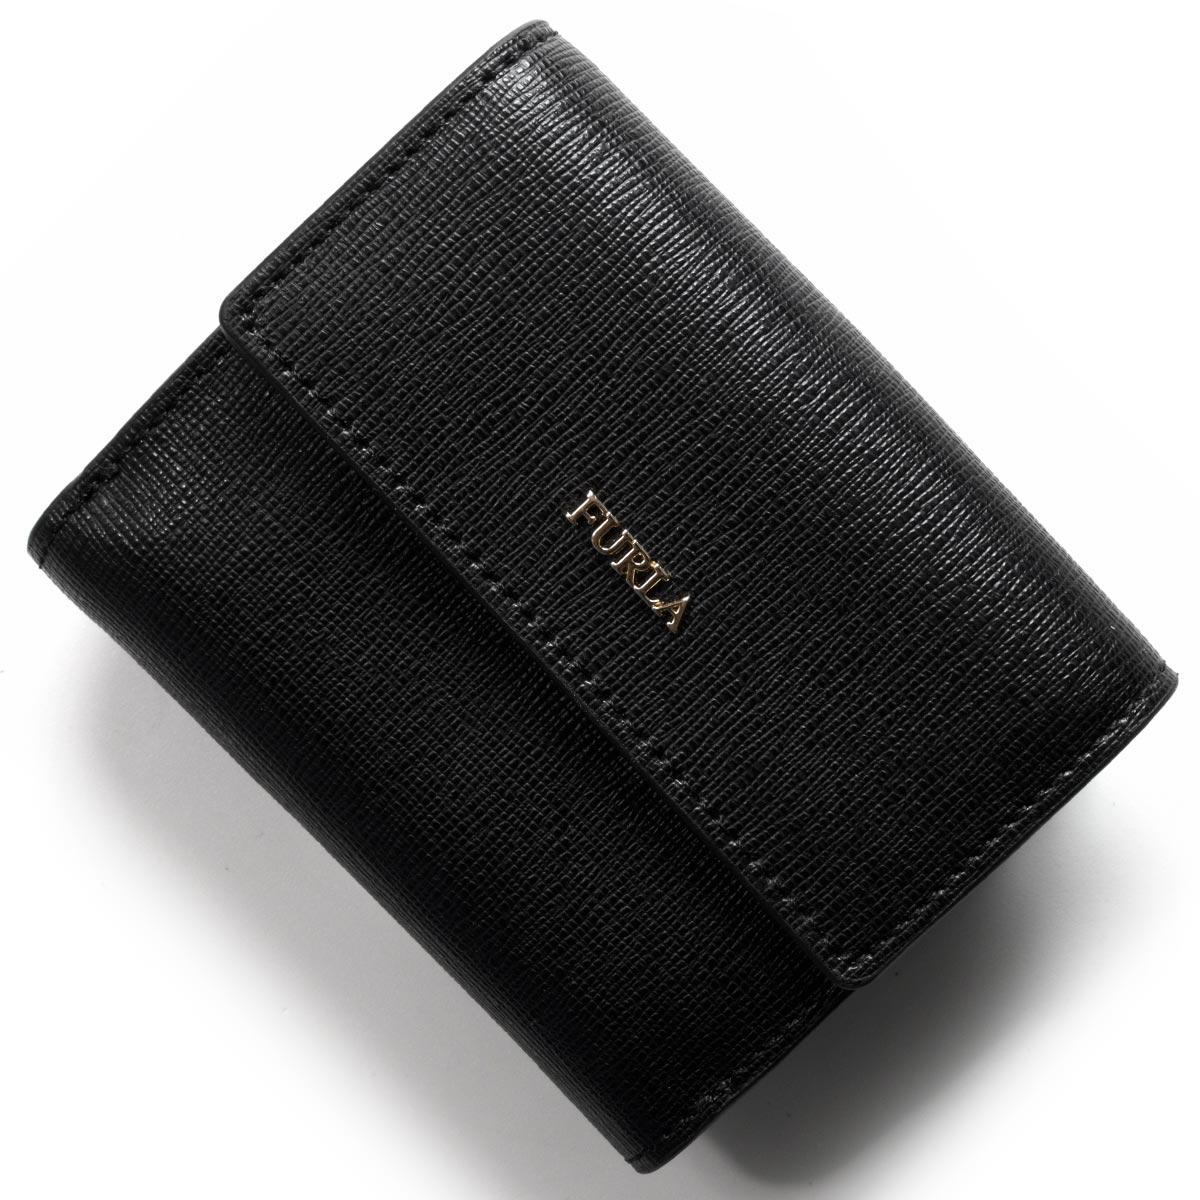 フルラ 二つ折り財布 財布 レディース バビロン スモール ブラック PZ10 B30 O60 963513 FURLA